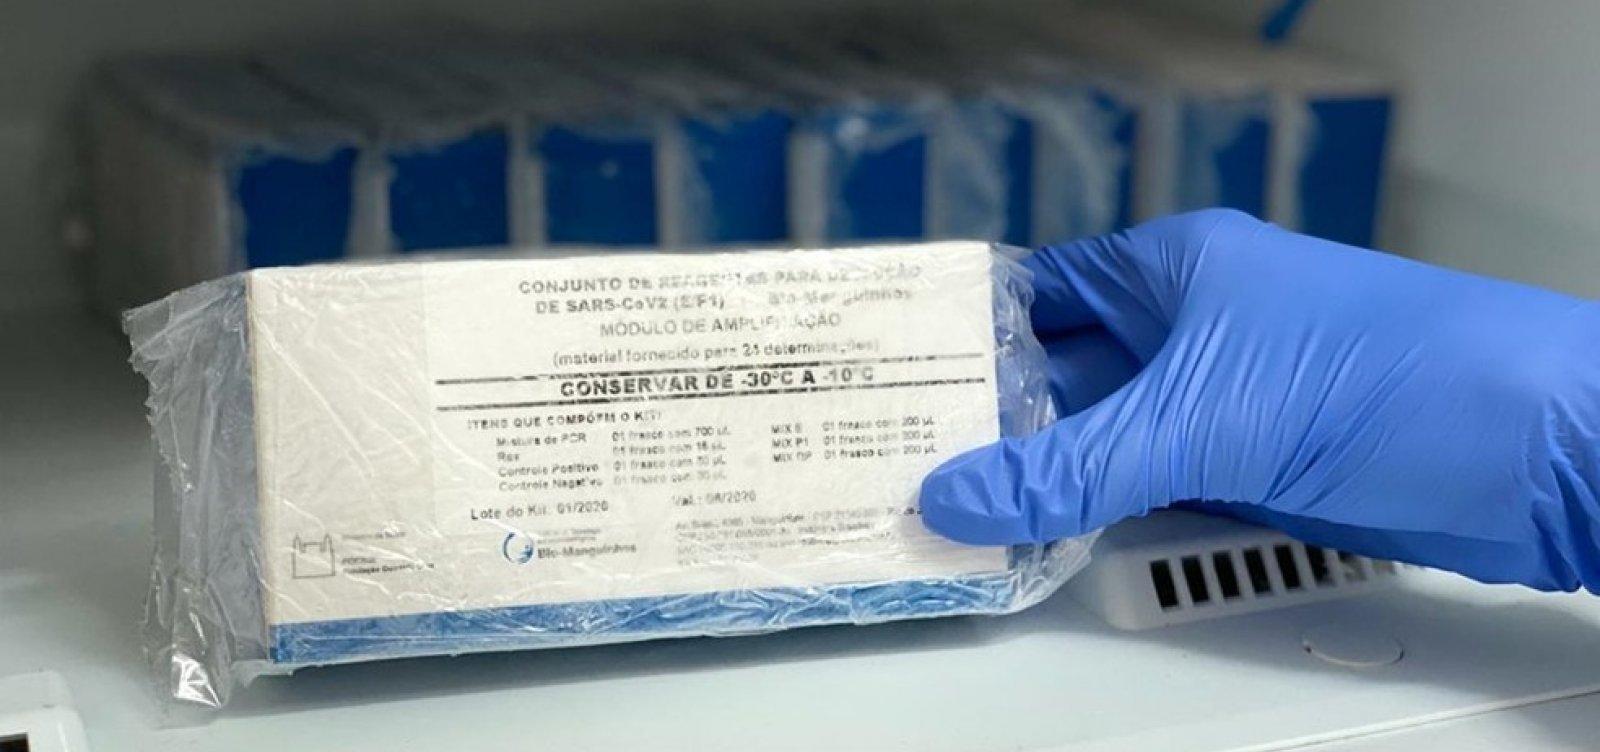 [Bahia tem 104 casos de coronavírus, afirma Sesab]